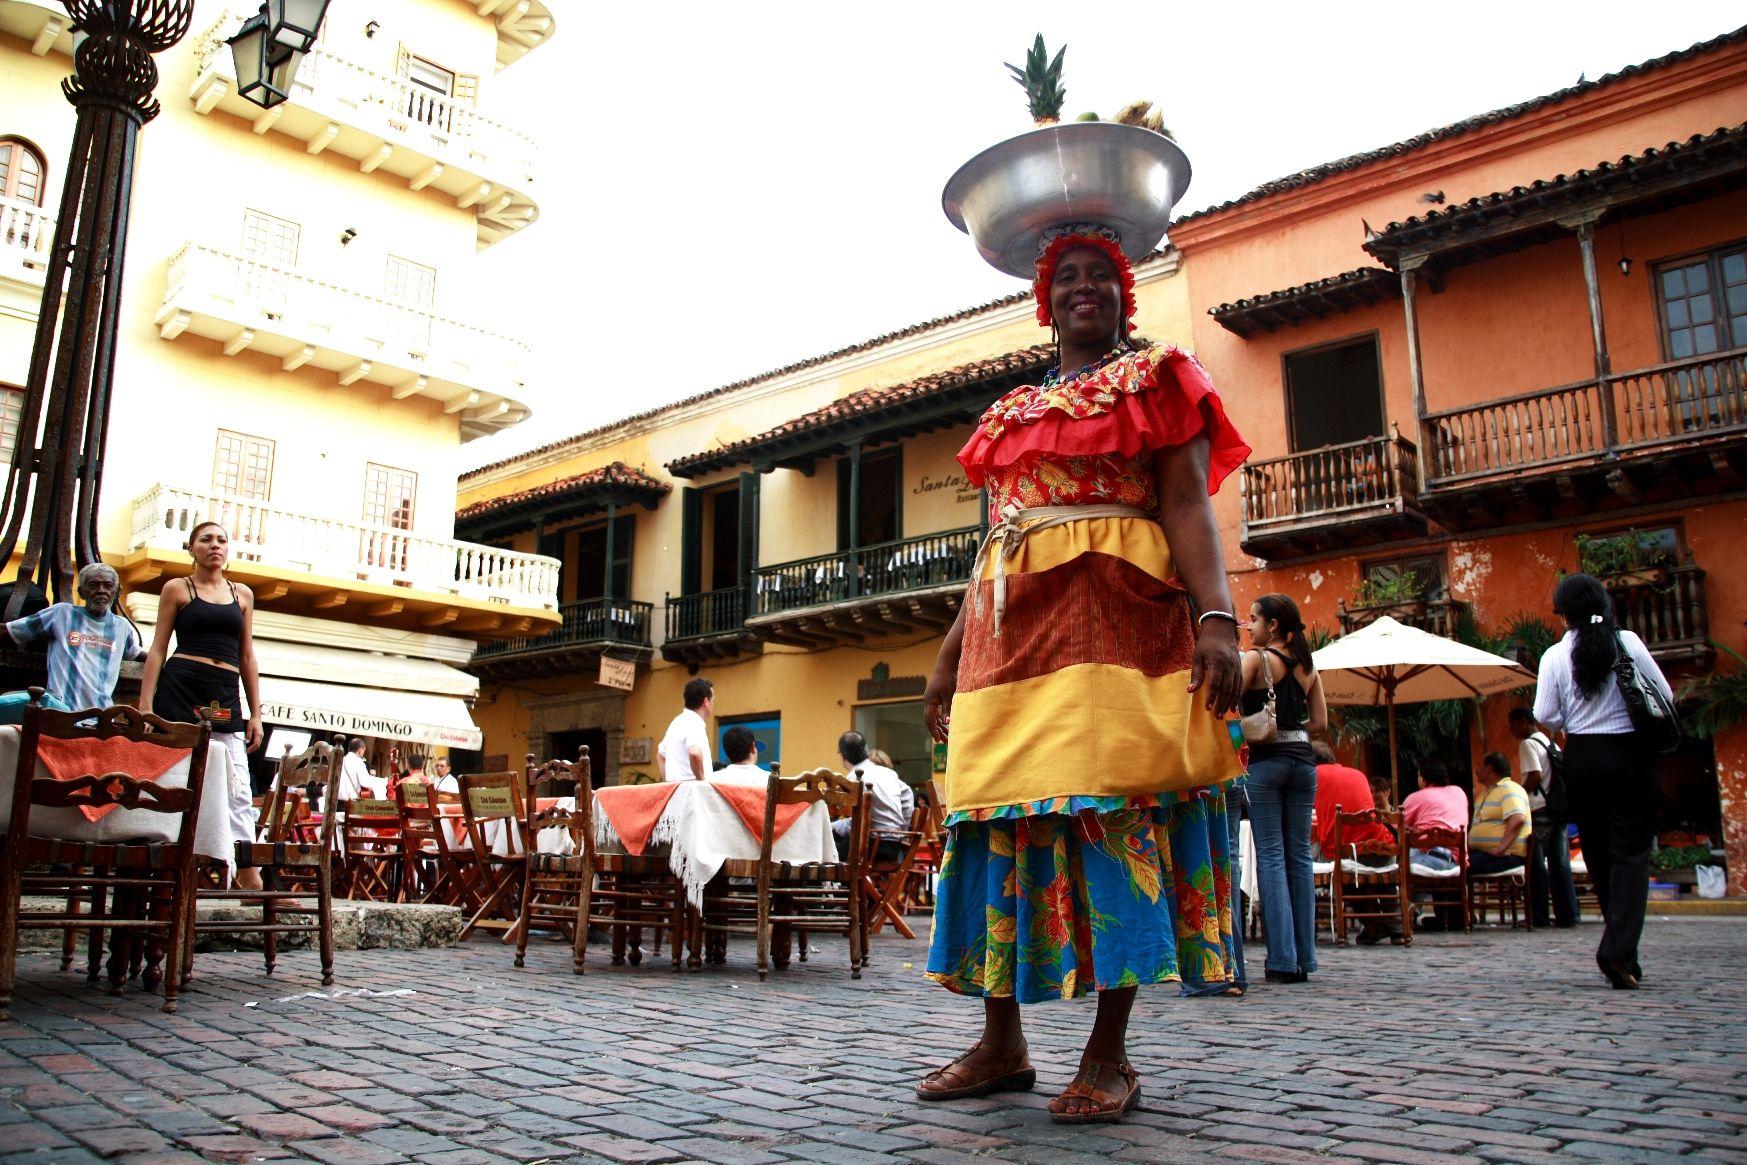 Viaje a Cartagena